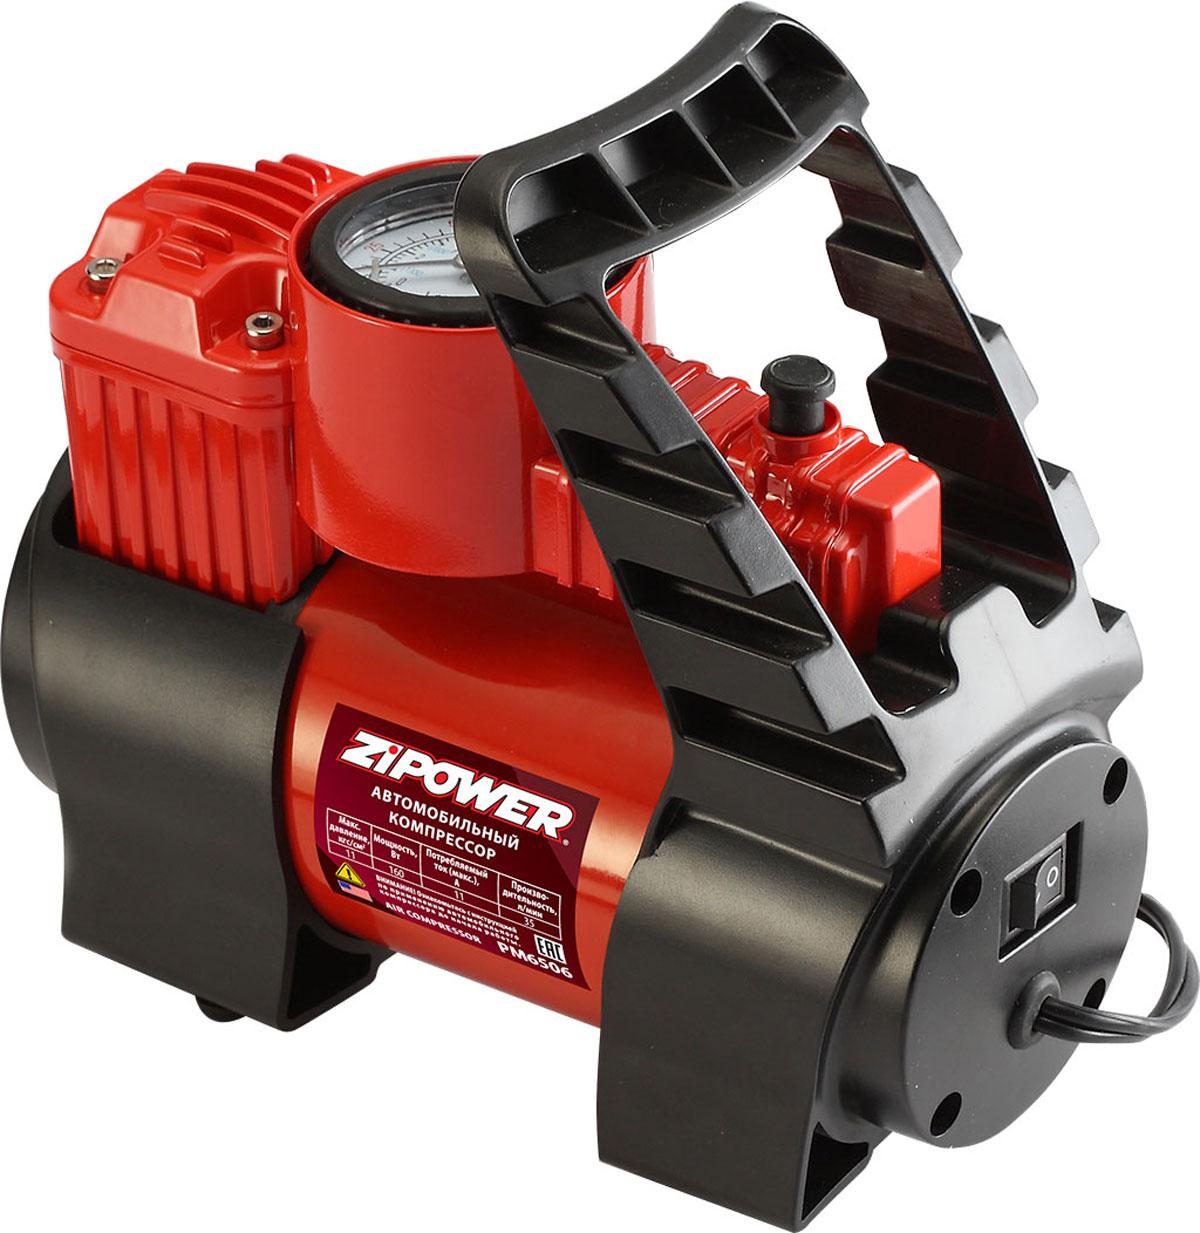 Компрессор автомобильный Zipower. PM 6506AL-500Автомобильный компрессор позволяет накачать колесо автомобиля или же проверить в нем давление. Работает от бортовой сети 12 В. Компрессор обладает высокой производительностью, что позволяет быстро накачать колесо. Широкаякомплектация позволяет накачать различные надувные изделия и запитать компрессор от аккумулятора.Мощный, высокопроизводительный компрессор, при работе не издает много шума.Имеет аварийный клапан сброса давления, который задействуется автоматически в случае достижения критического уровня давления. Обладает функцией откачивания (реверс) – очень полезная функция, например, когда нужно быстро сдуть резиновый матрас. Имеет в комплекте несколько насадок для накачивания различных надувных изделий.Напряжение: 12 ВМощность: 160 ВтМаксимальное давление: 11 атмПроизводительность: 35 л/мин